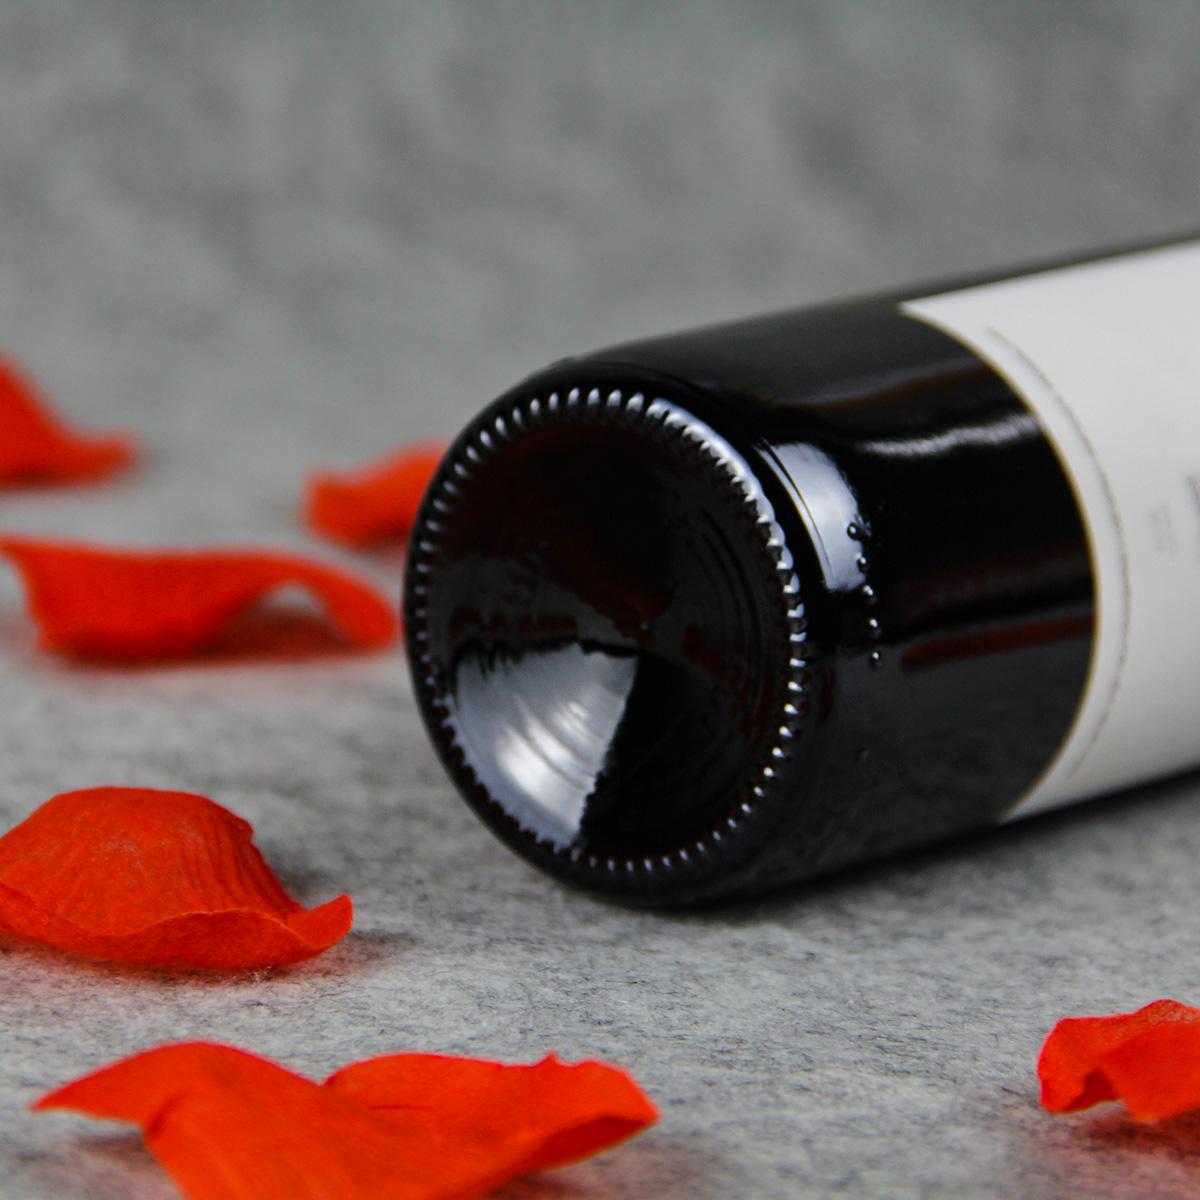 葡萄牙阿连特茹蒙特布兰科酒庄蓝图混酿干红葡萄酒375ml